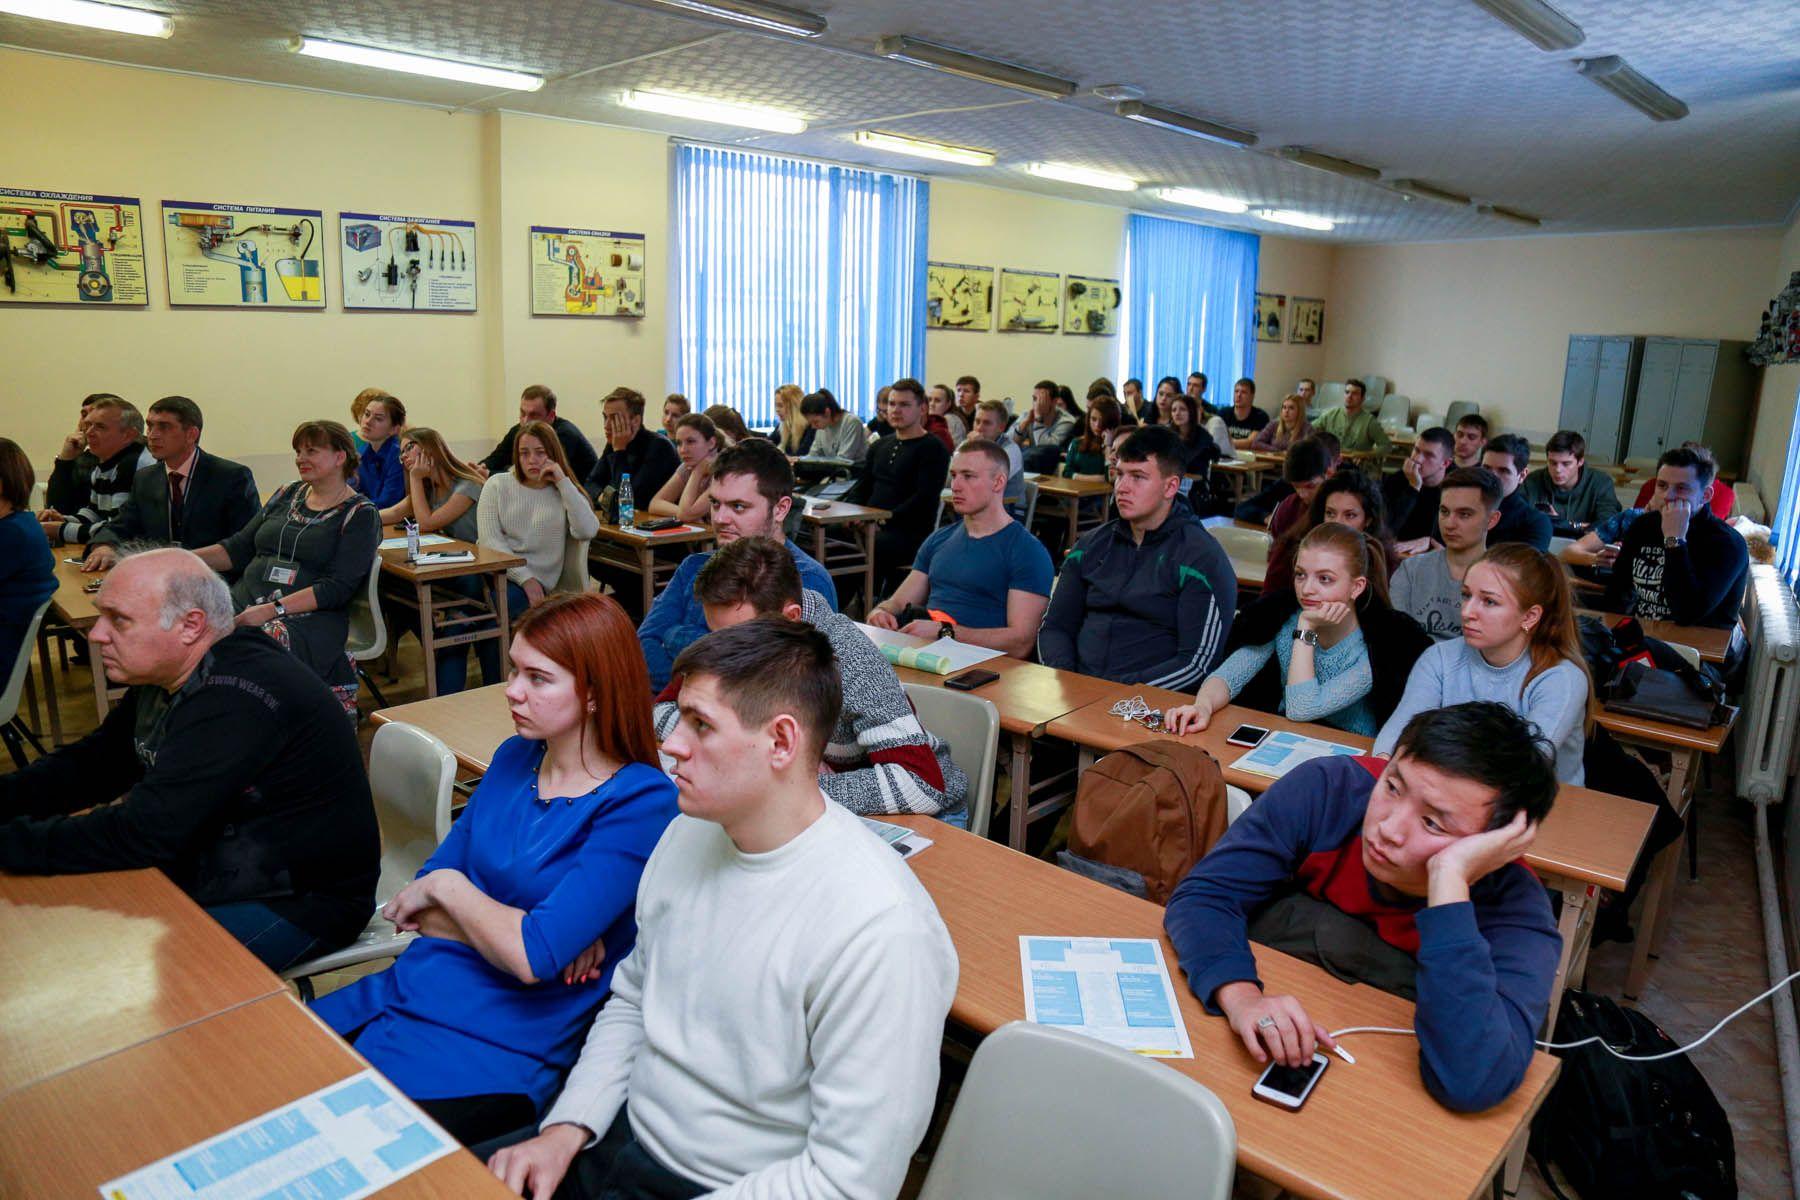 Студенты Института транспорта и логистики ВГУЭС узнали о «Европротоколе»